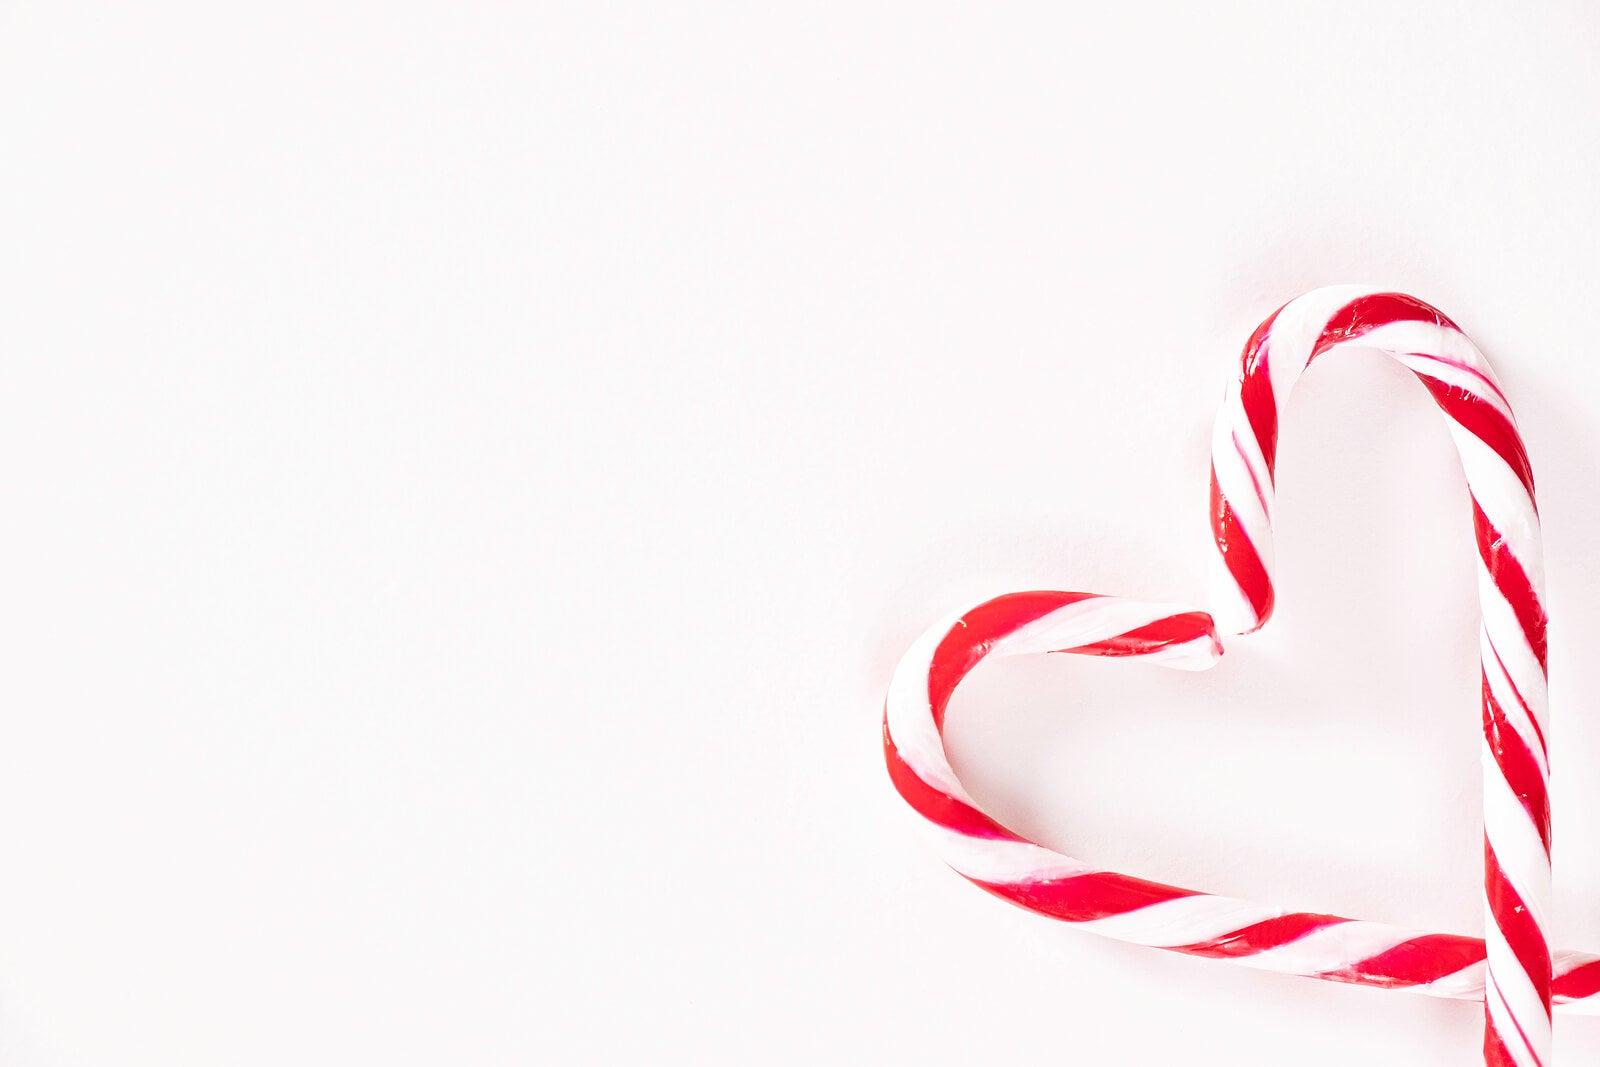 Síndrome del corazón festivo: causas y consecuencias